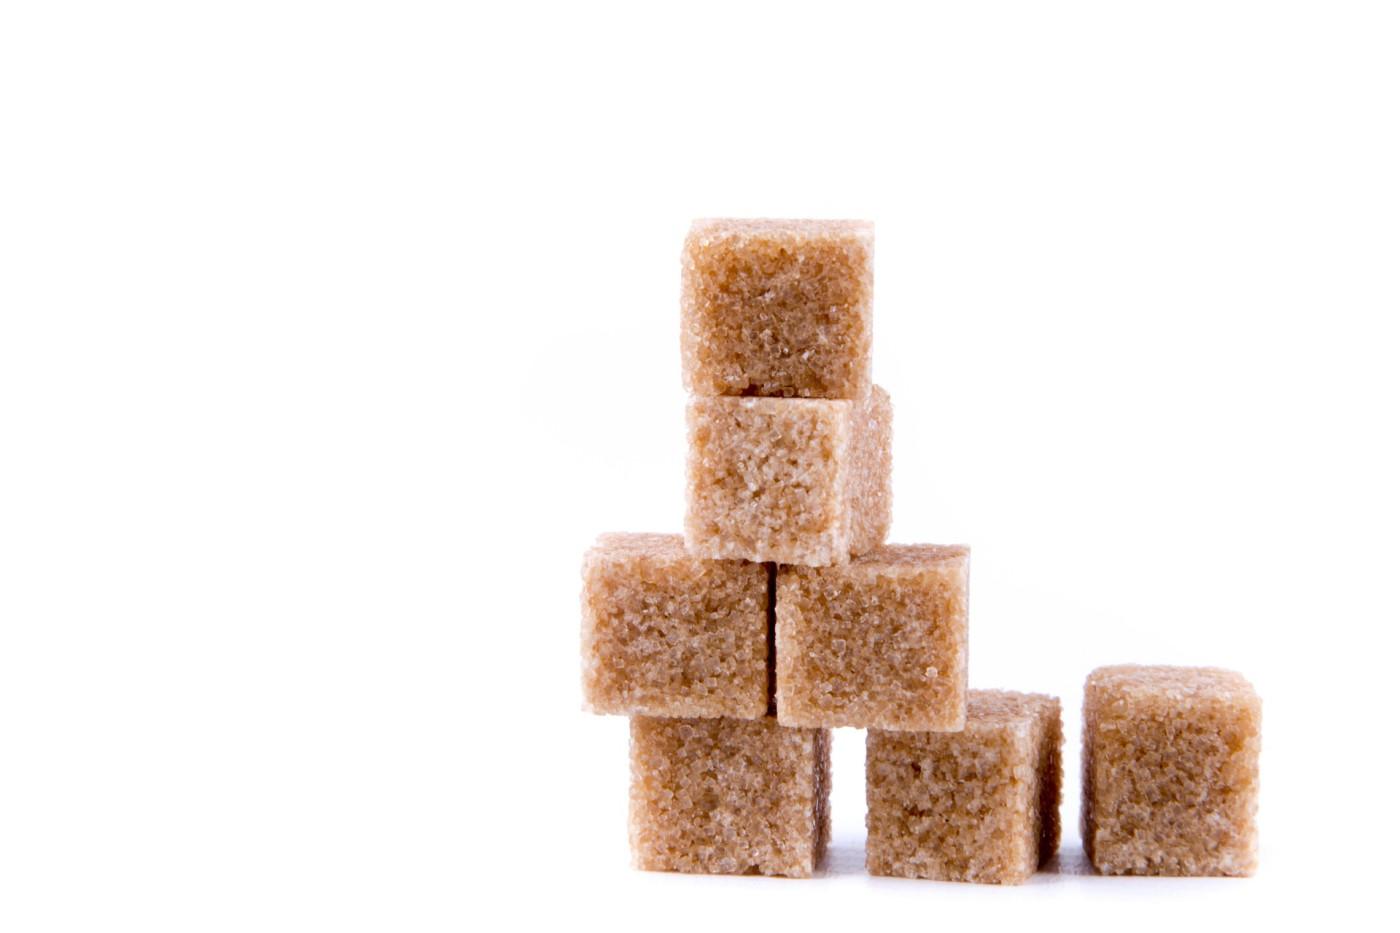 brown-cane-sugar-cubes-1462969810ors